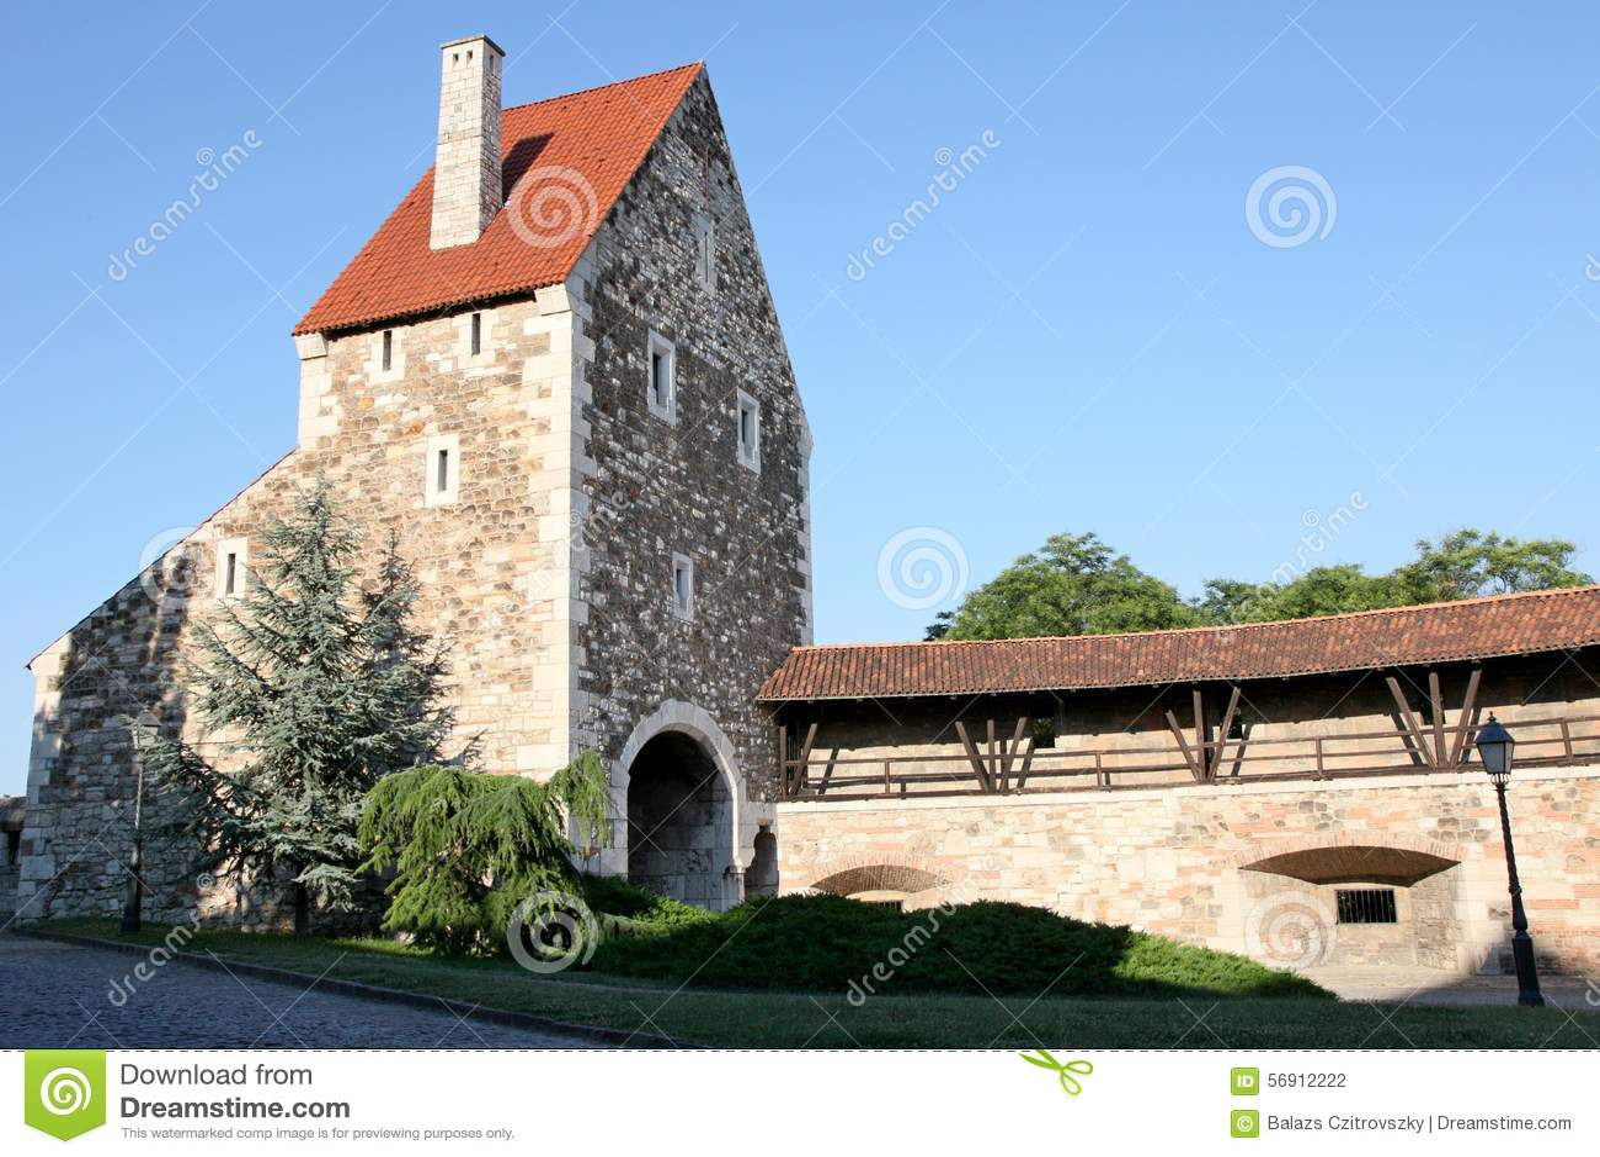 Μικρός πύργος δίπλα σε έναν τοίχο